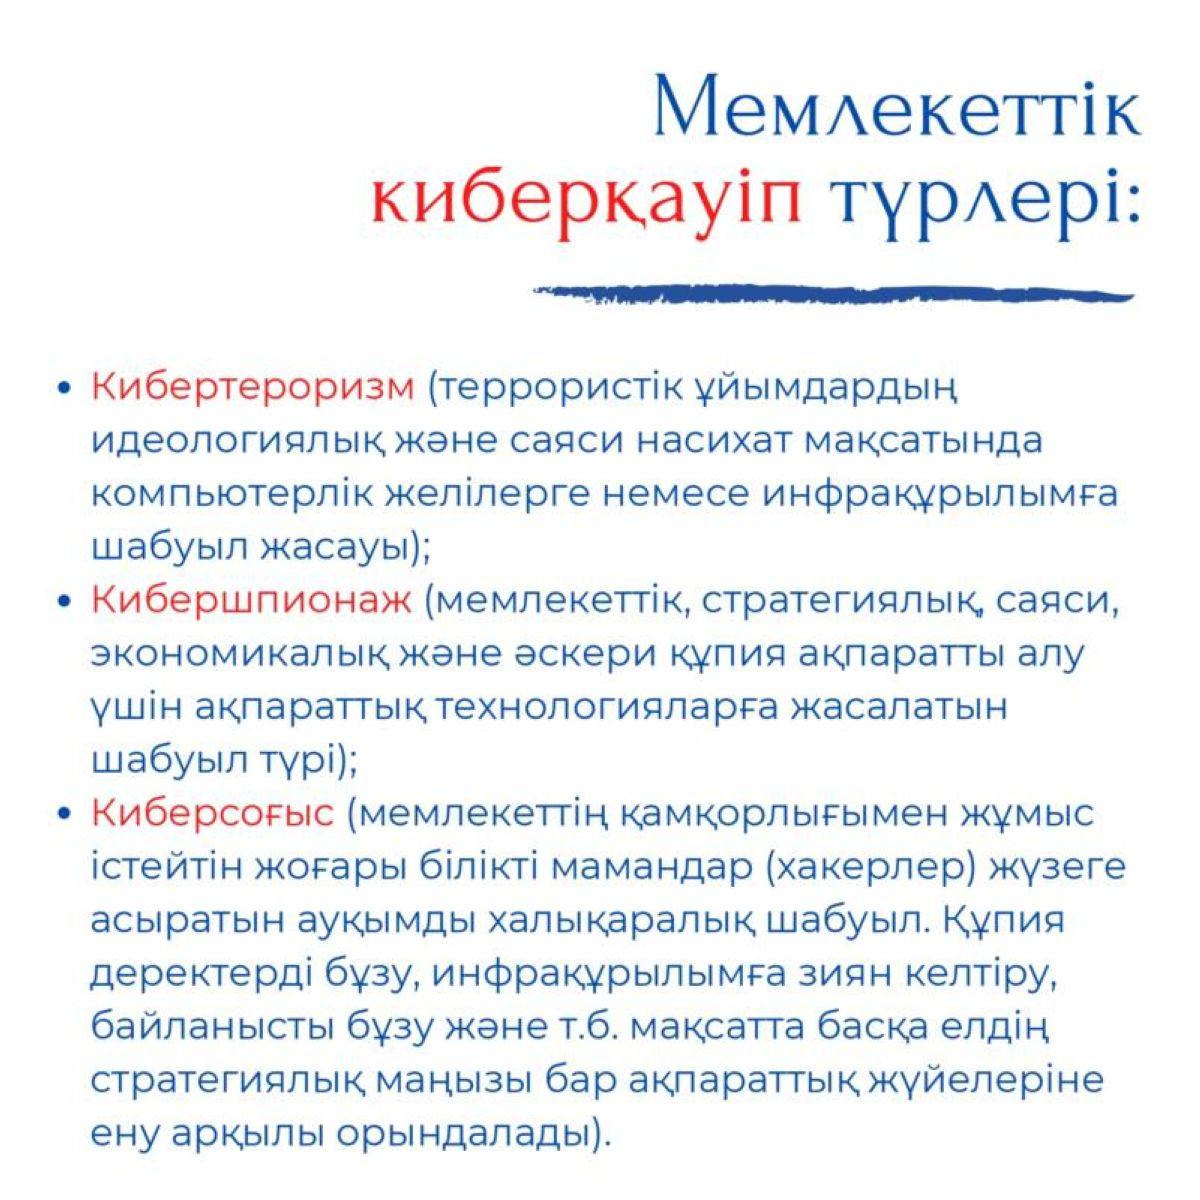 Seraya publikatsiya v instagram s fotografiey devushki i kosmetikoy 2 page 0001